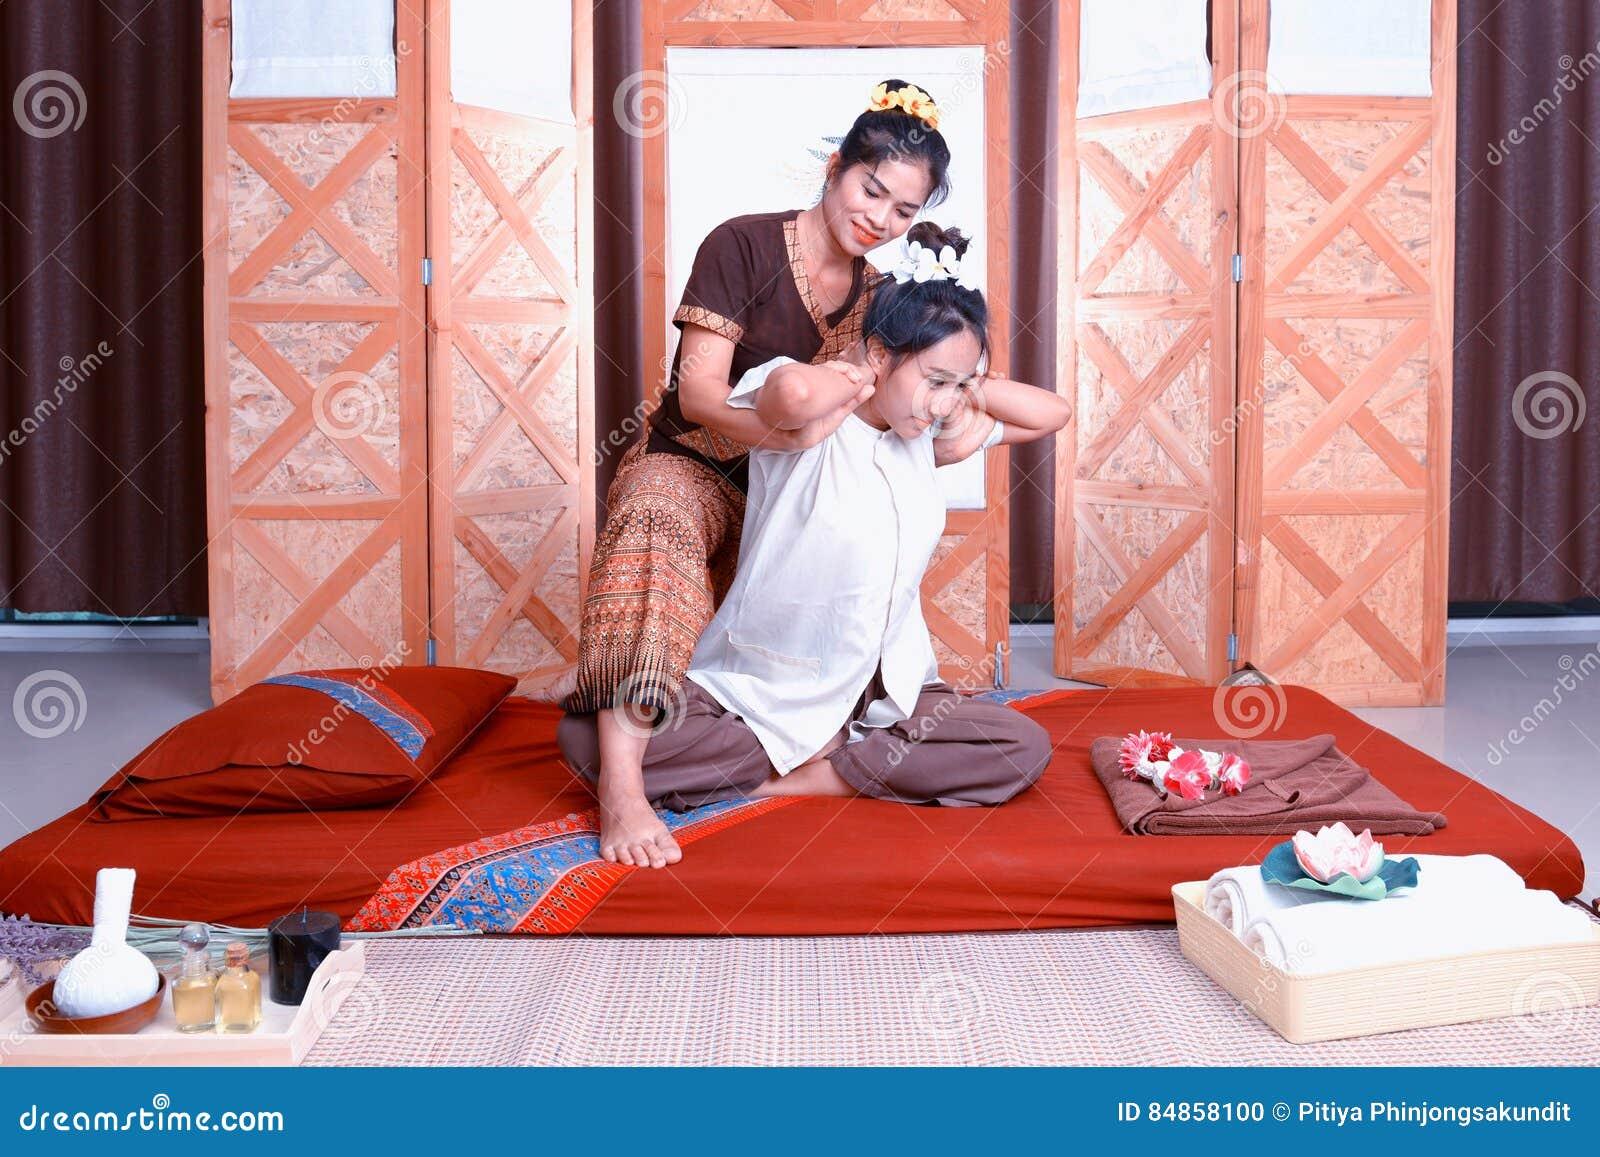 Massage thaï Attention de salaire de femmes à la relaxation et à la santé